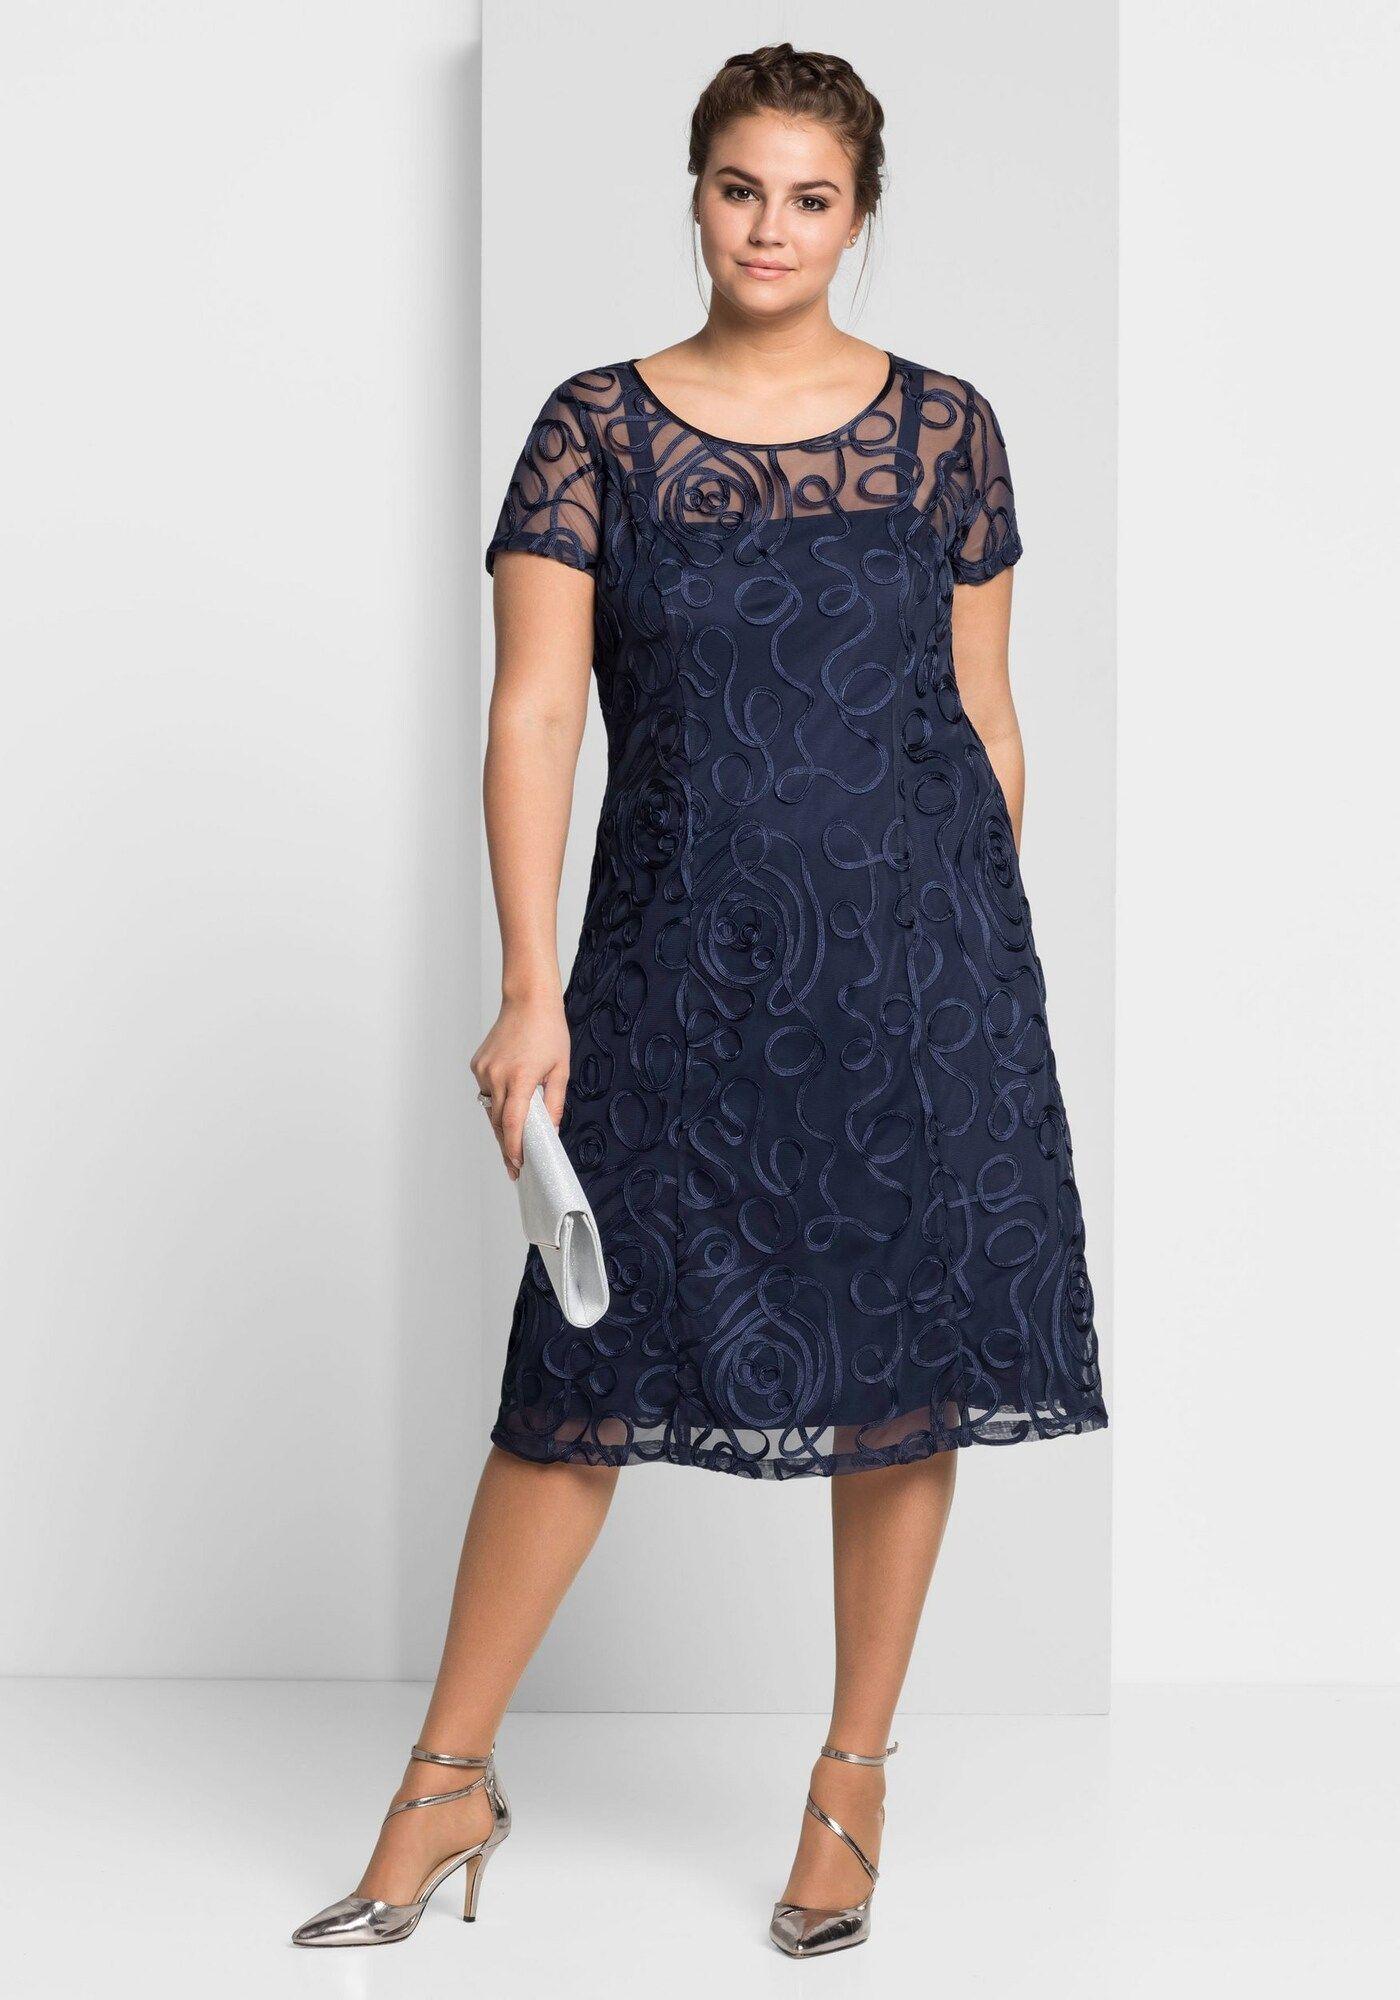 SHEEGO Spitzenkleid Damen, Nachtblau, Größe 15  Spitzenkleider